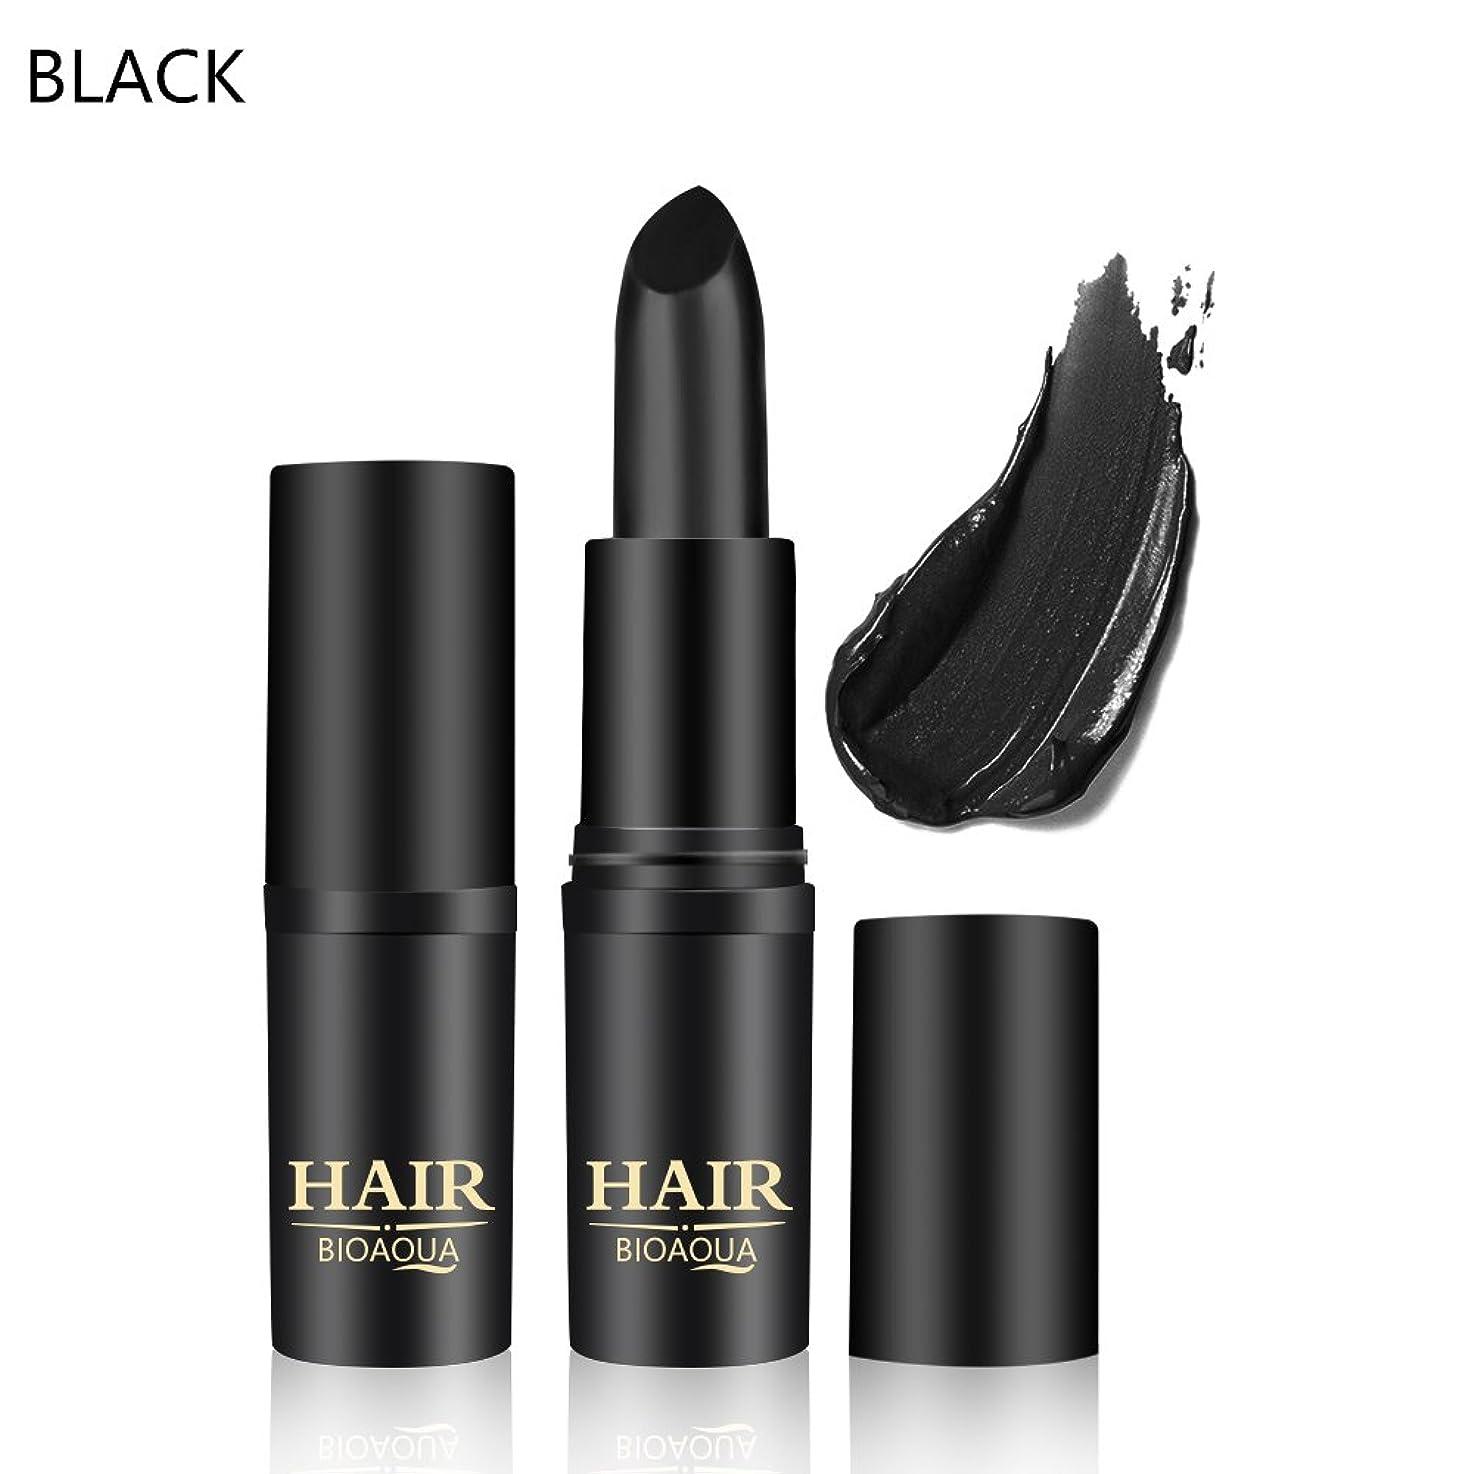 鉛筆換気する休憩[BLACK] 1PC Temporary Hair Dye Cream Mild Fast One-off Hair Color Stick Pen Cover White Hair DIY Styling Makeup Beauty Tools